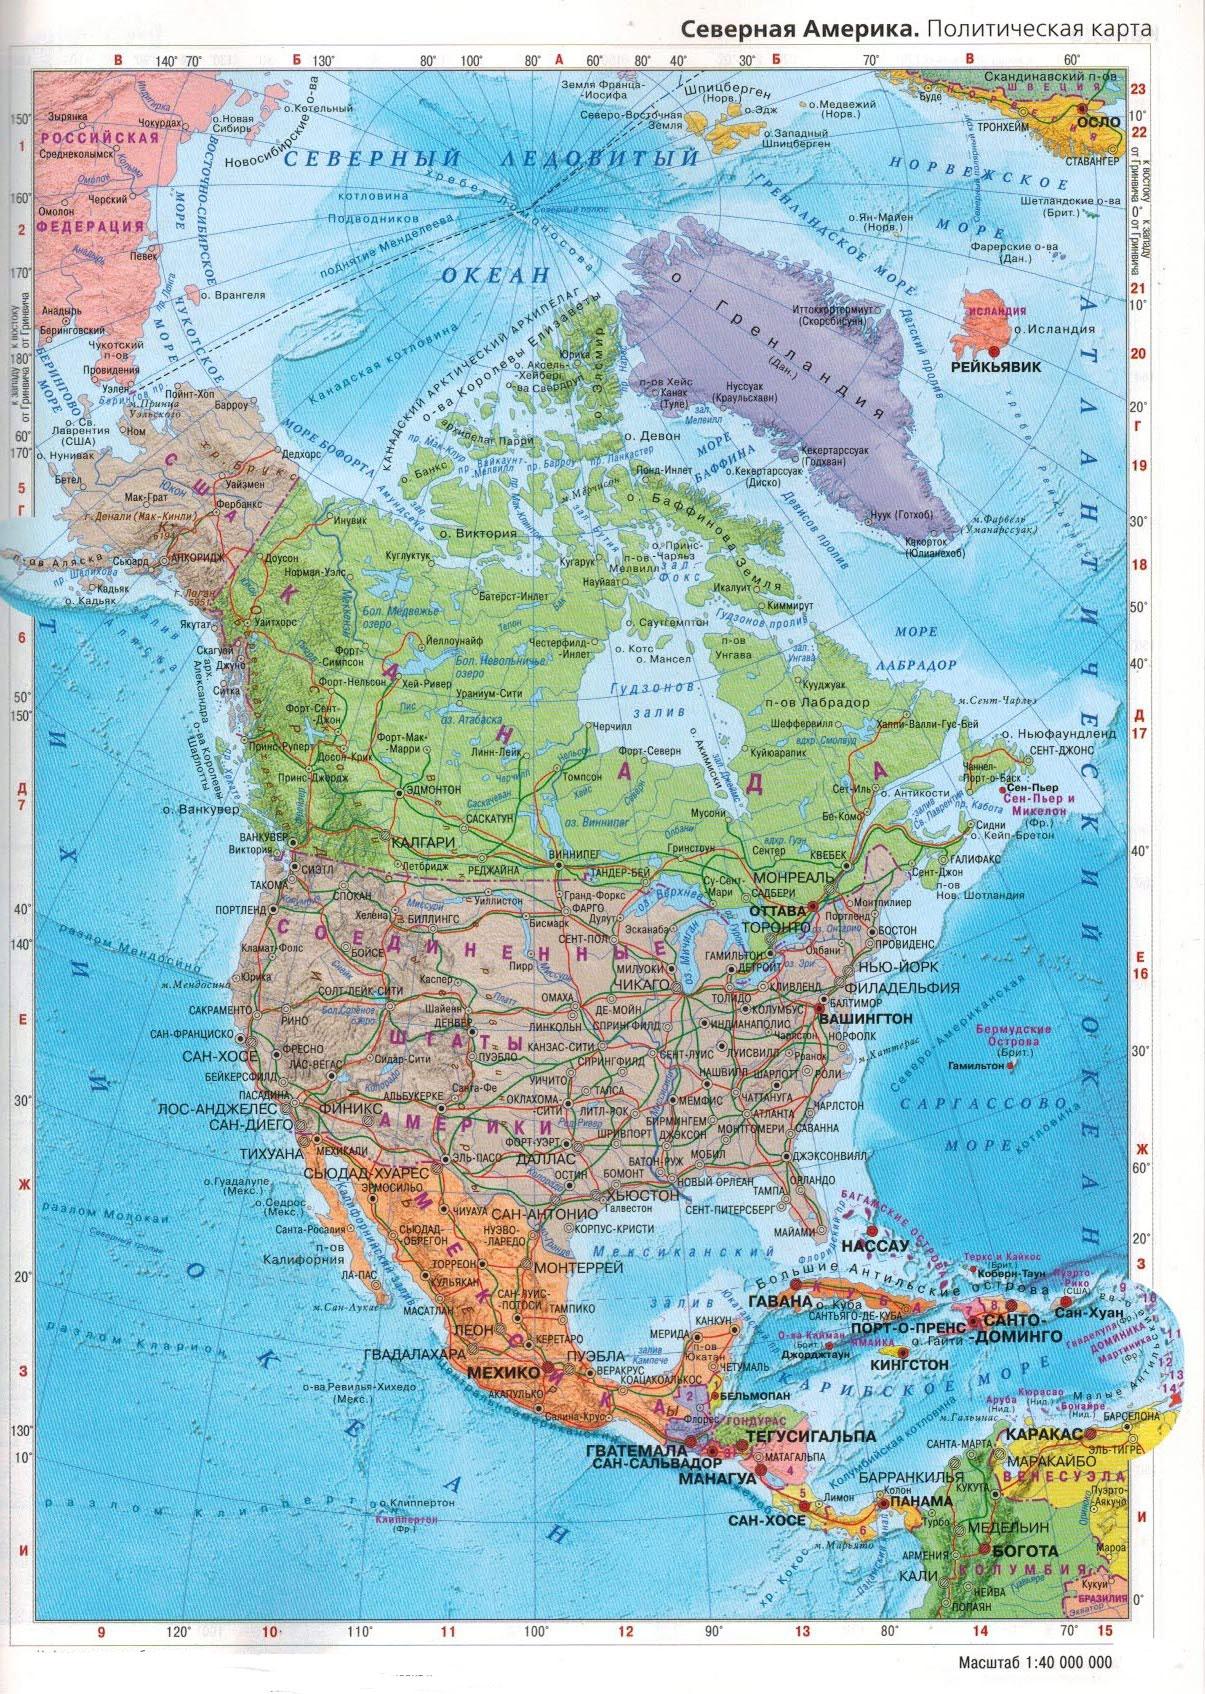 Настенная карта Северной Америки политическая, ламинированная, р-р 0,70*1,0м